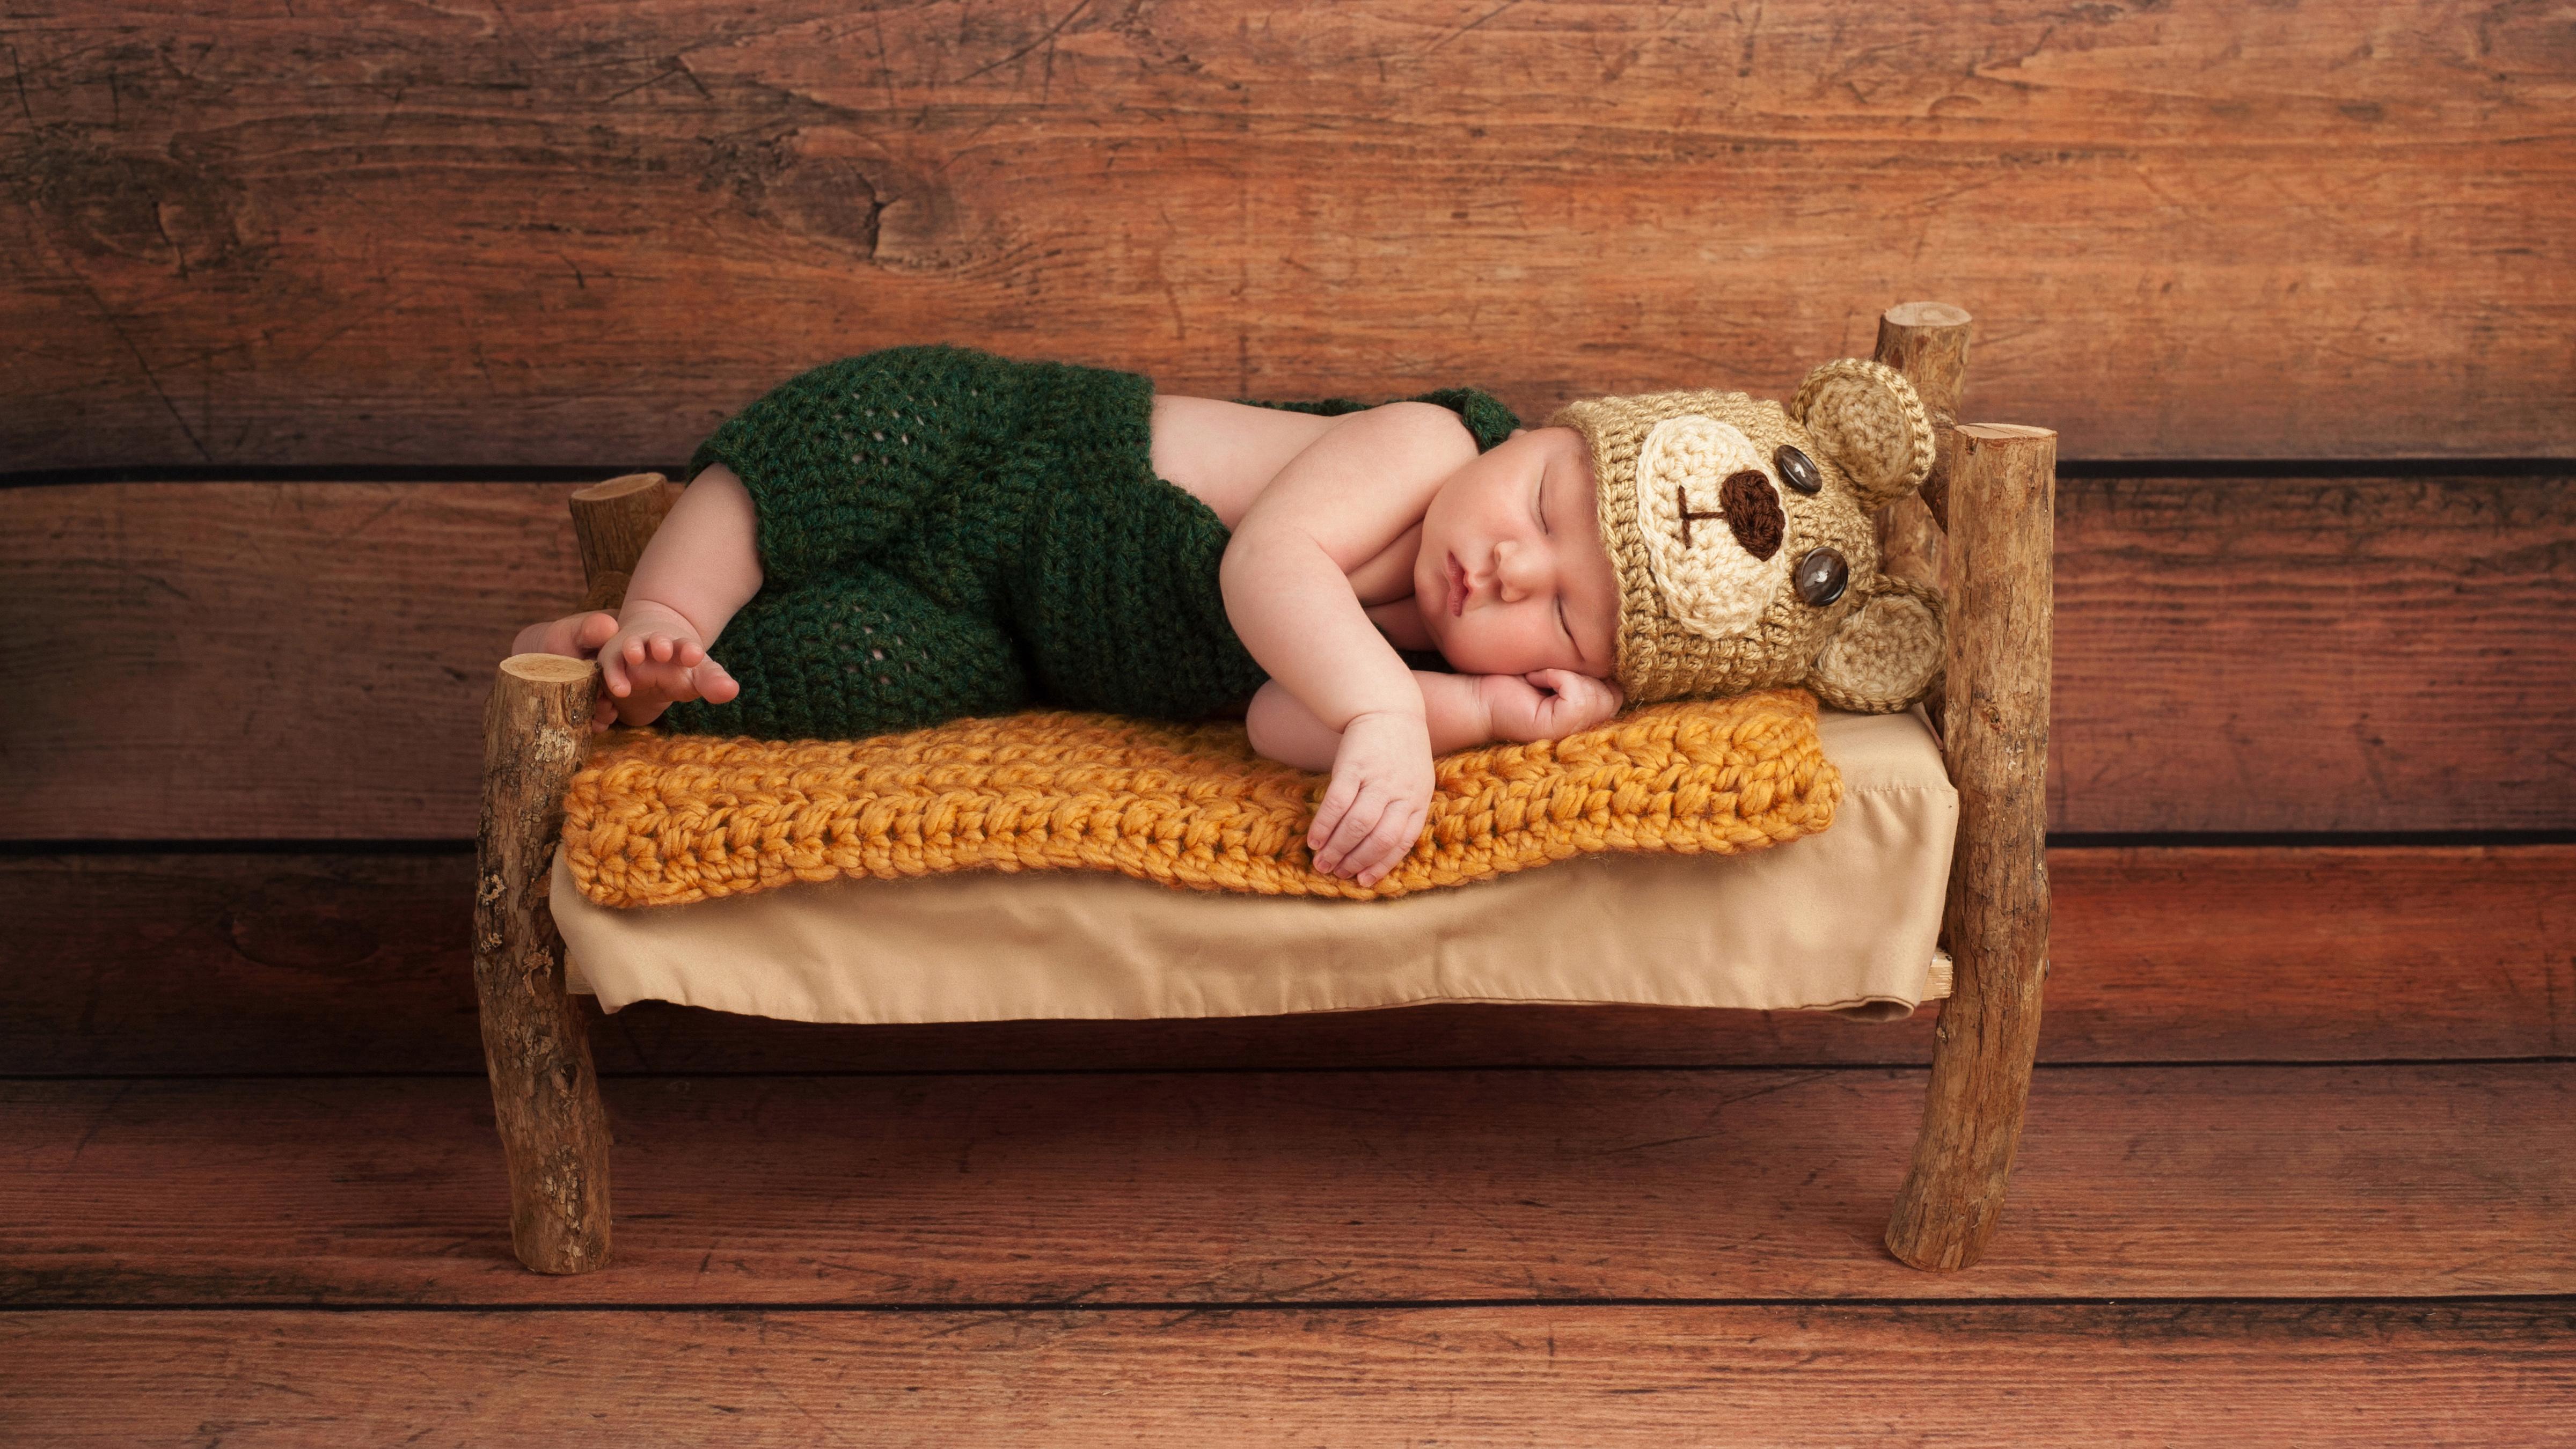 Картинки спящие дети в кроватке